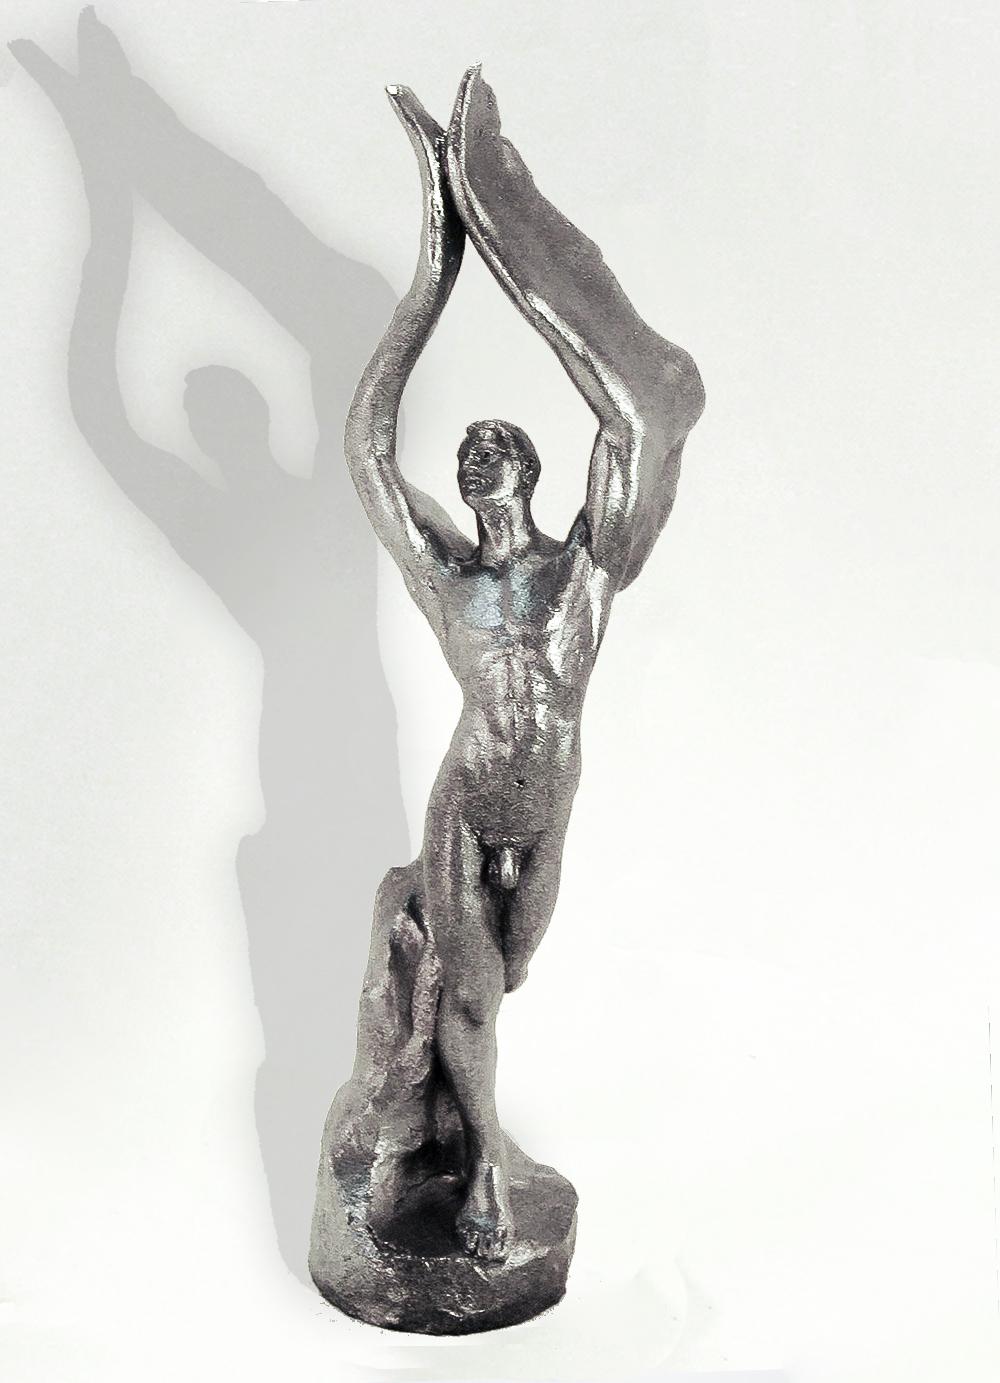 Escultura-Arcangel-B-Figurativo-Realista-RD.Escultor